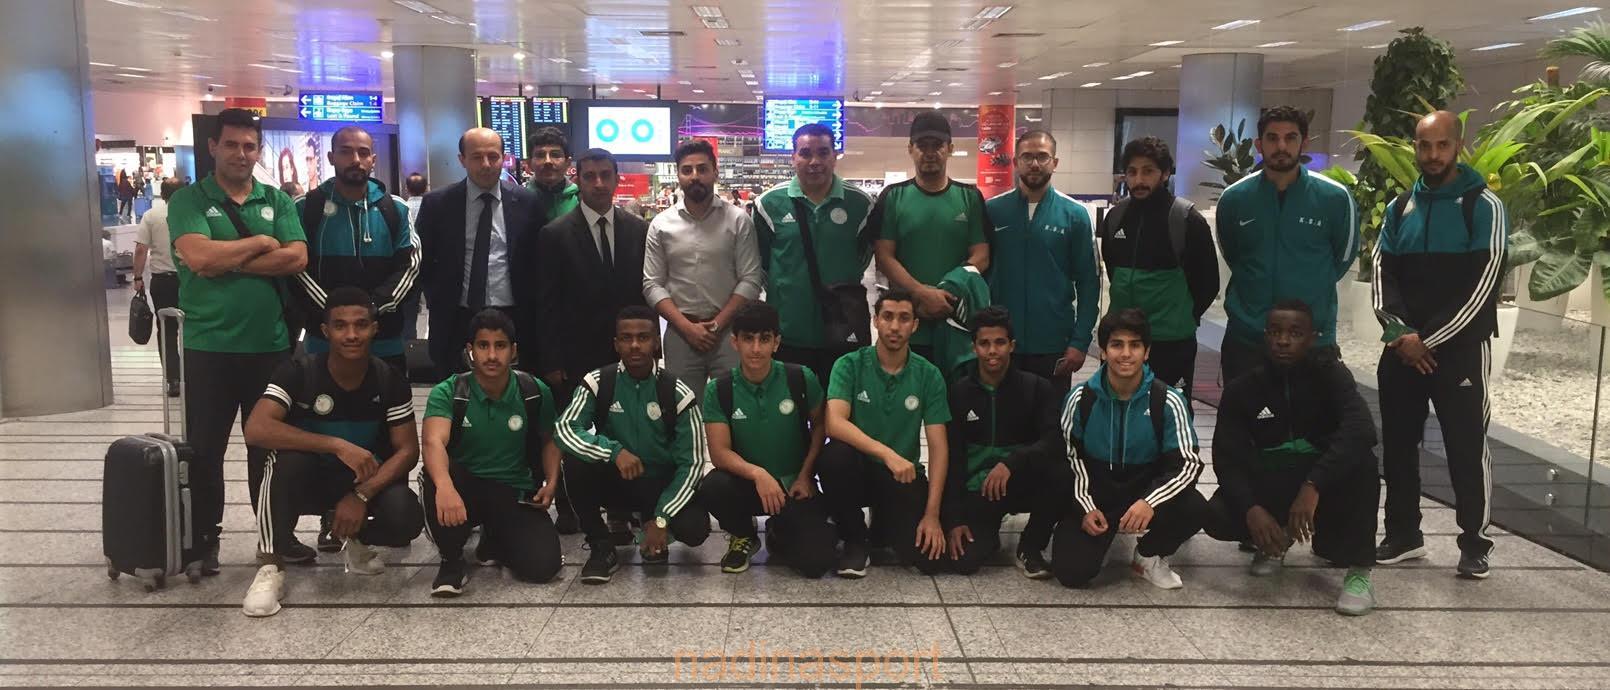 أخضر الكاراتيه يختتم استعداداته لخوض منافسات بطولة تركيا المفتوحة